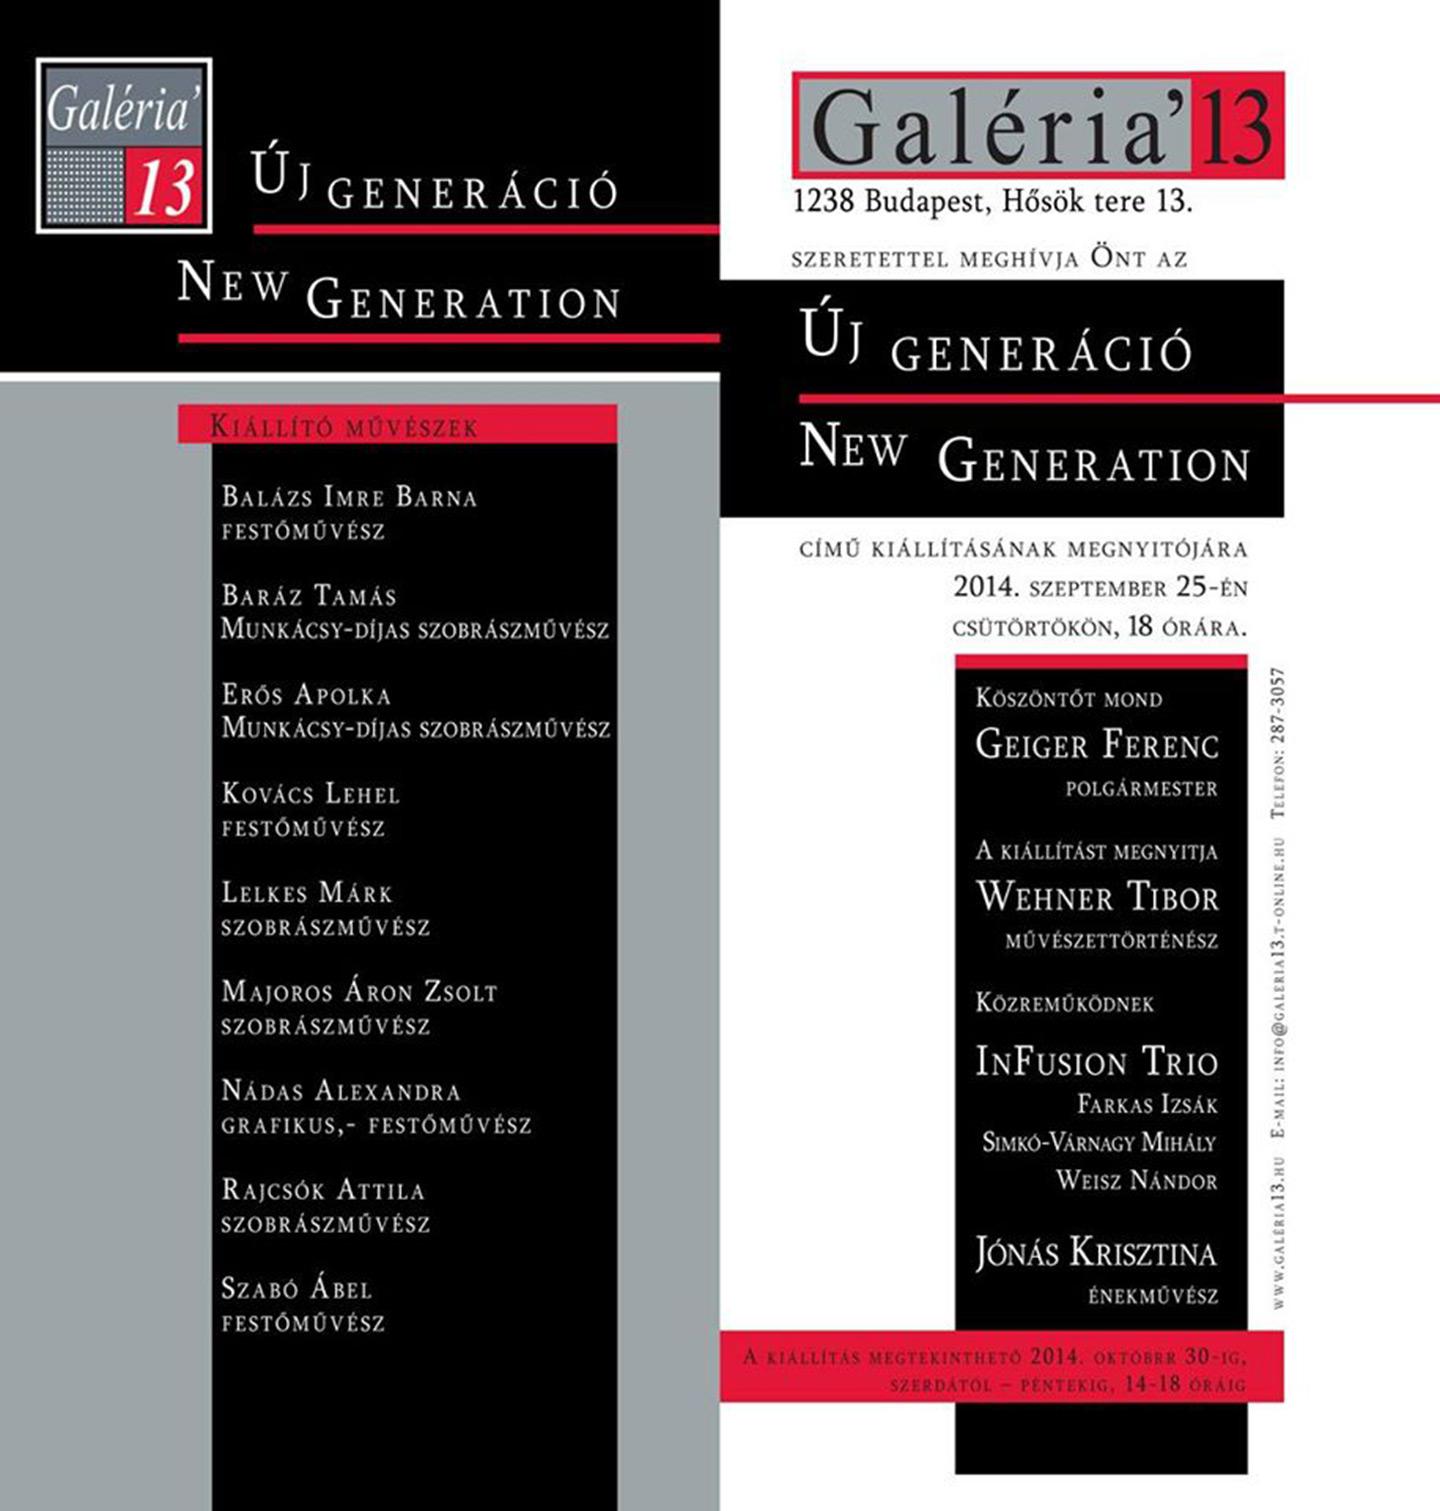 016_uj_generacio_galeria_13